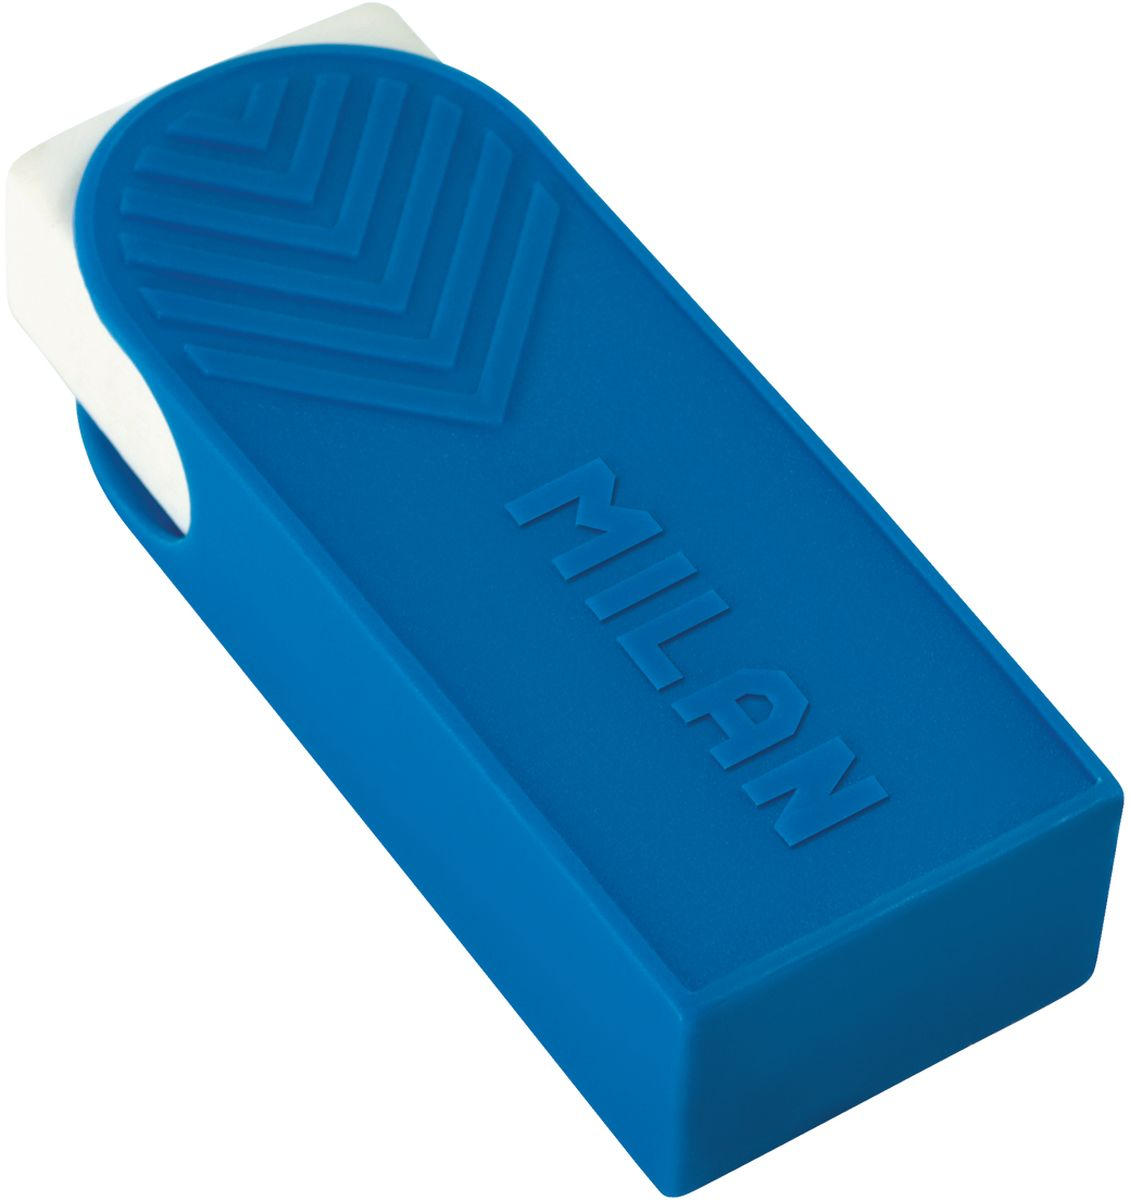 Milan Ластик A1 прямоугольныйFS-36054Ластик Milan A1 - это одно из лучших предложений для профессиональных задач. Ластик великолепно стирает все виды особо мягких и специальных художественных карандашей, включая сангину и уголь. Изготовлен из натурального каучука с добавлением синтетического пластификатора, что гарантирует великолепные абсорбционные свойства. Удобный держатель из пластика.